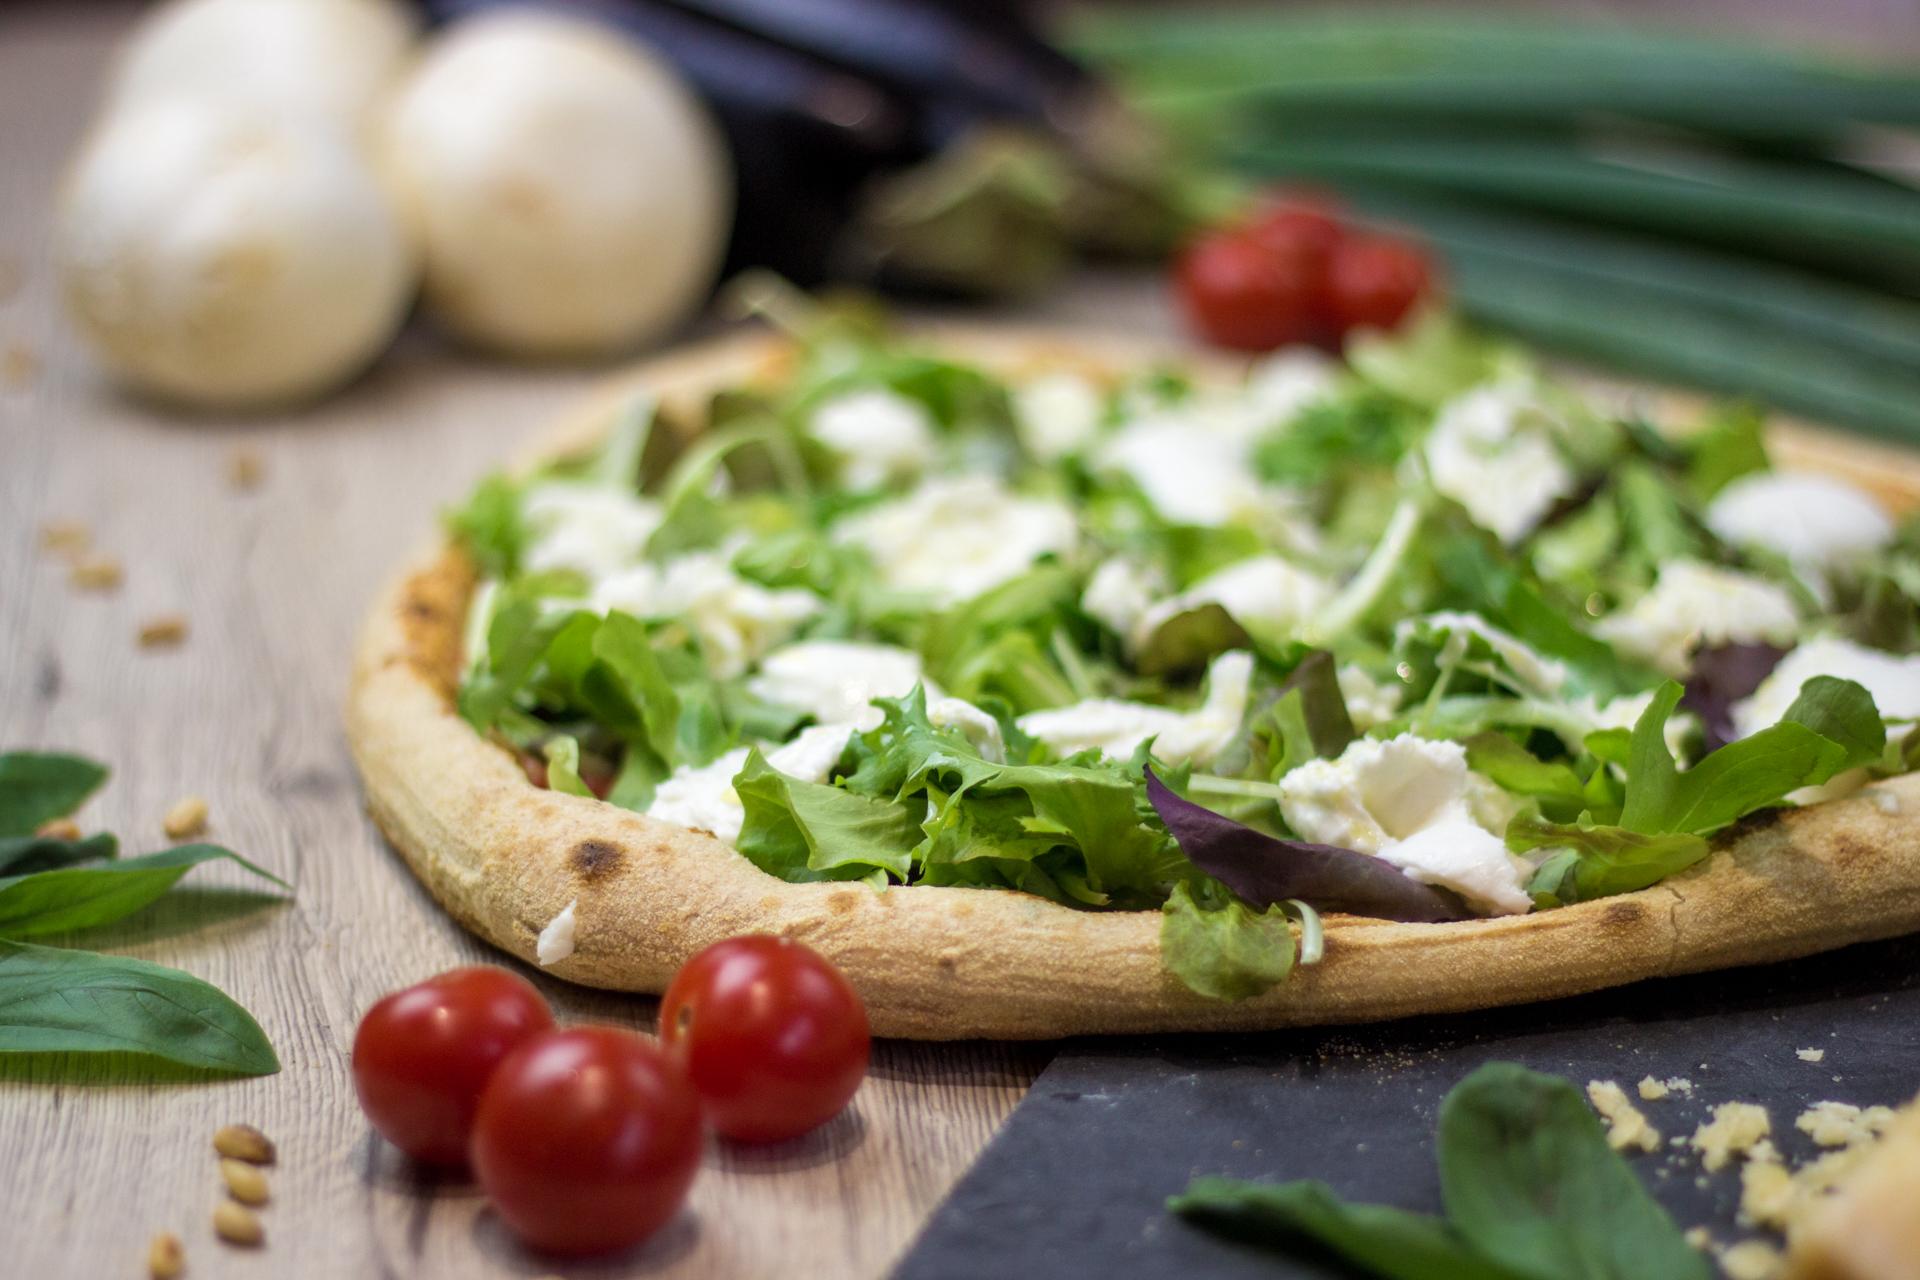 votre pizzaiolo choisit uniquement des produits frais de la région niçoise, c'est au MIN de Nice qu'ils sont selectionnés pour vous